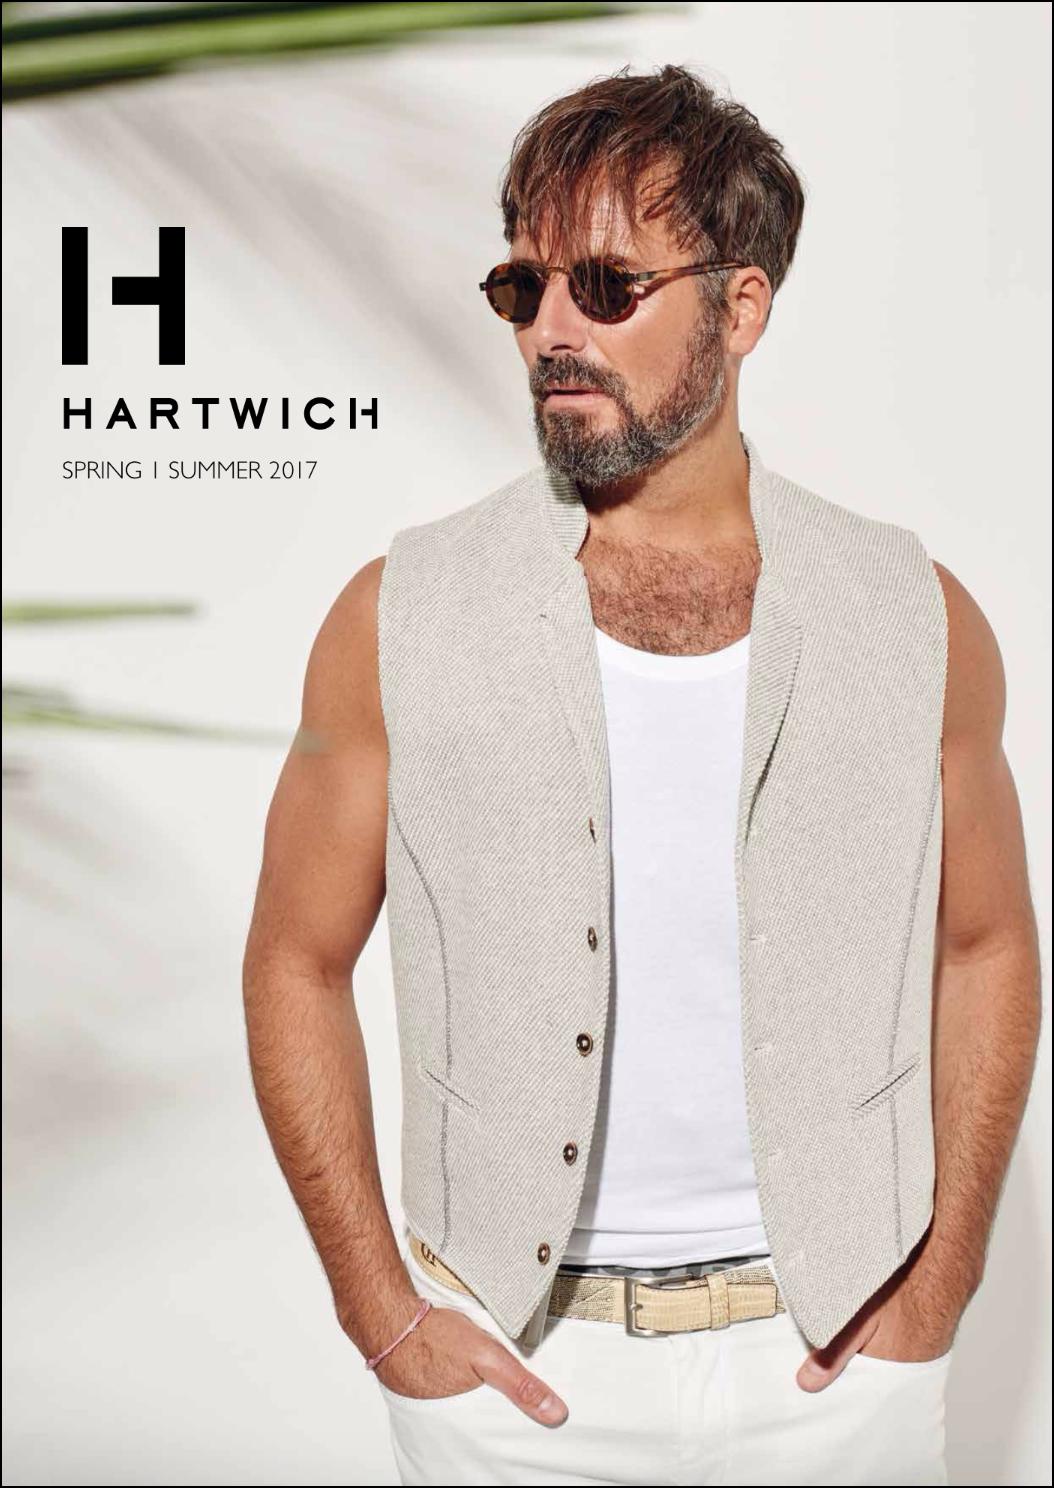 HARTWICH Menswear - Kollektion - Spring Summer 2017